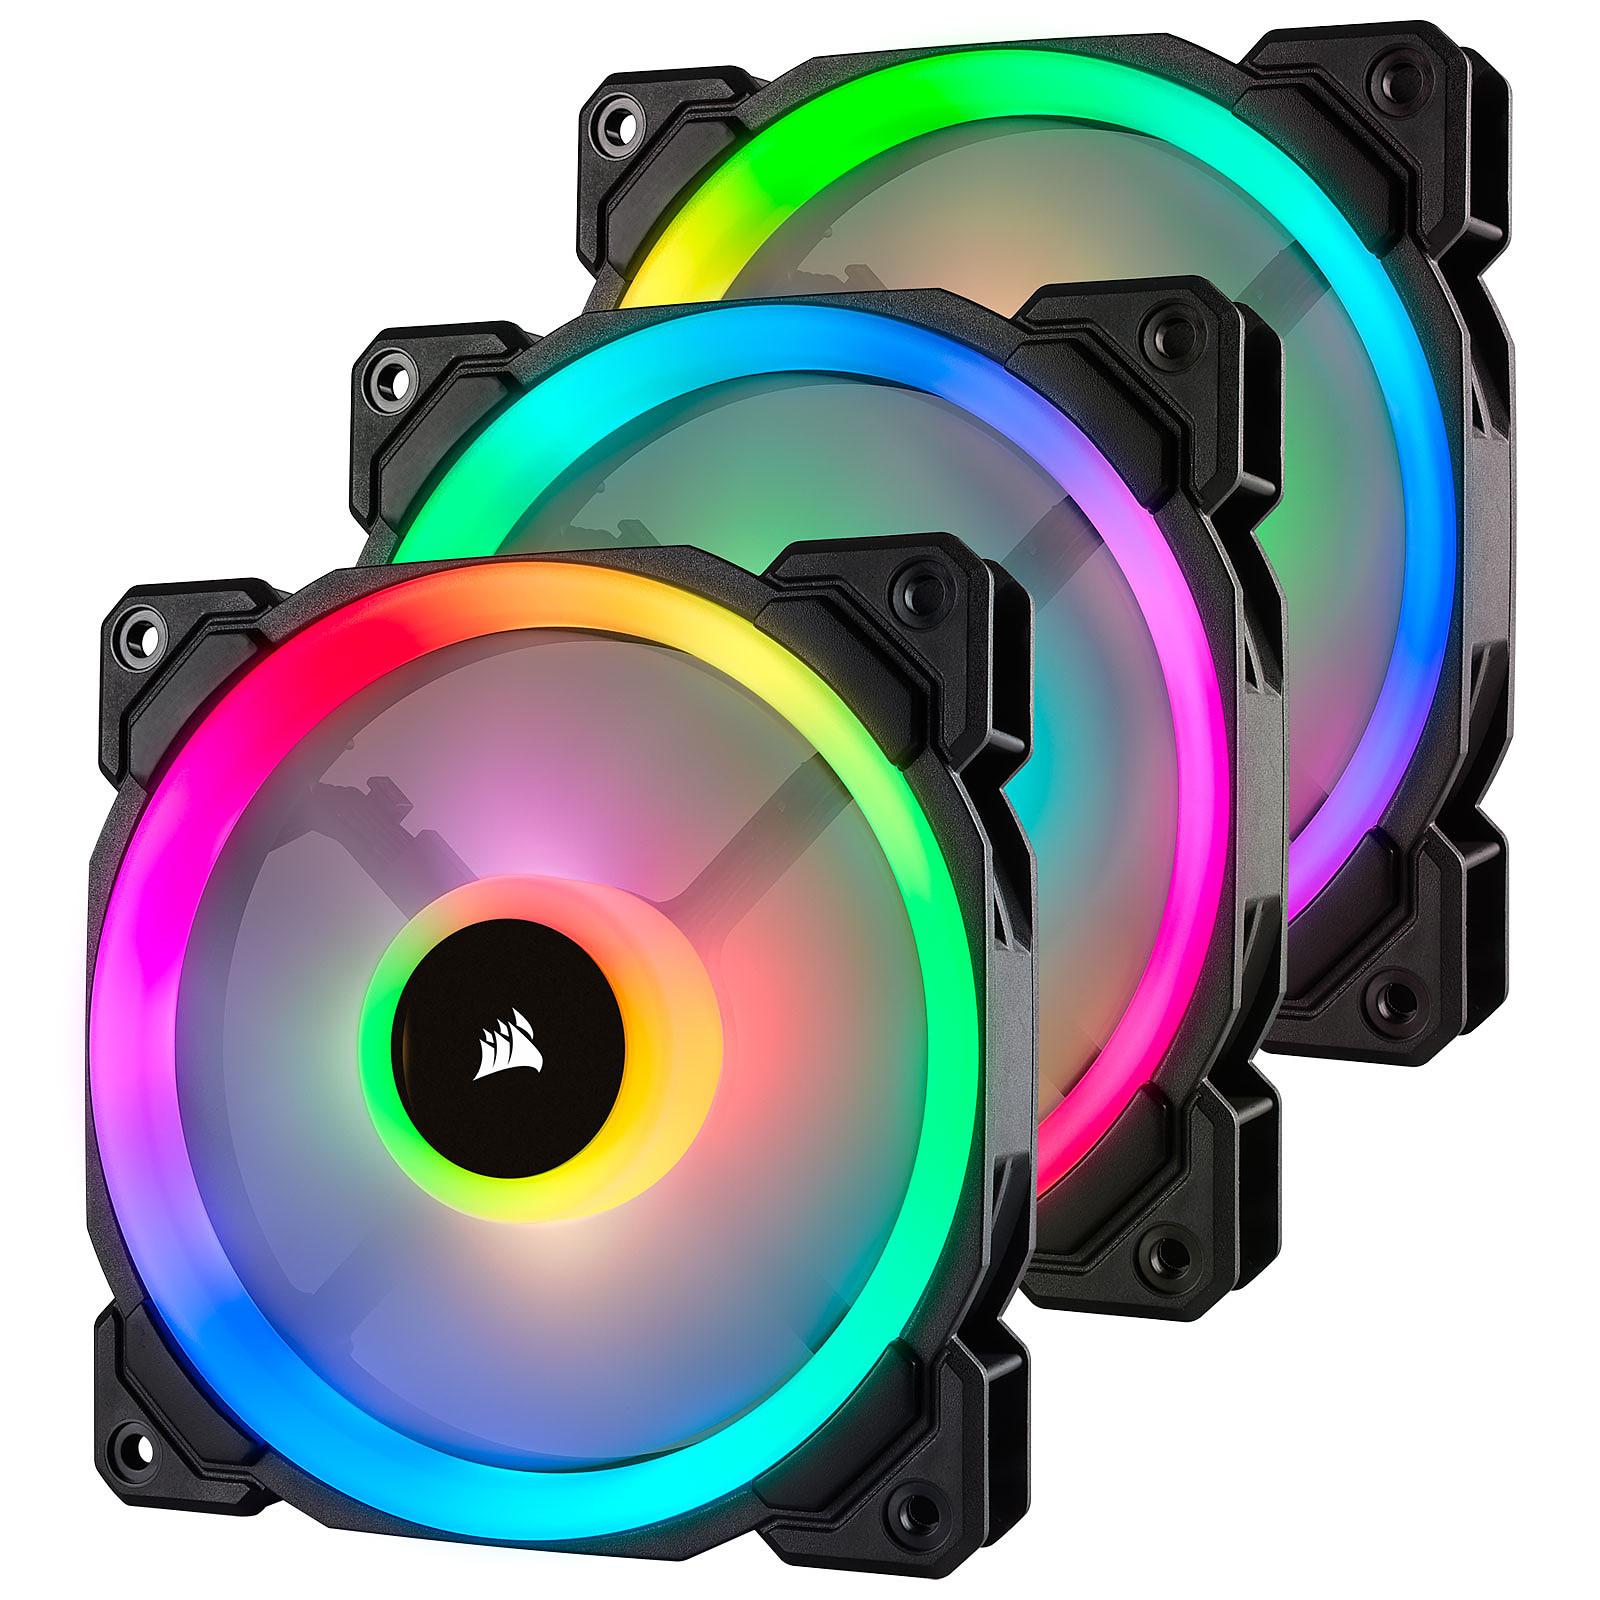 Corsair LL Series LL120 RGB Triple Pack